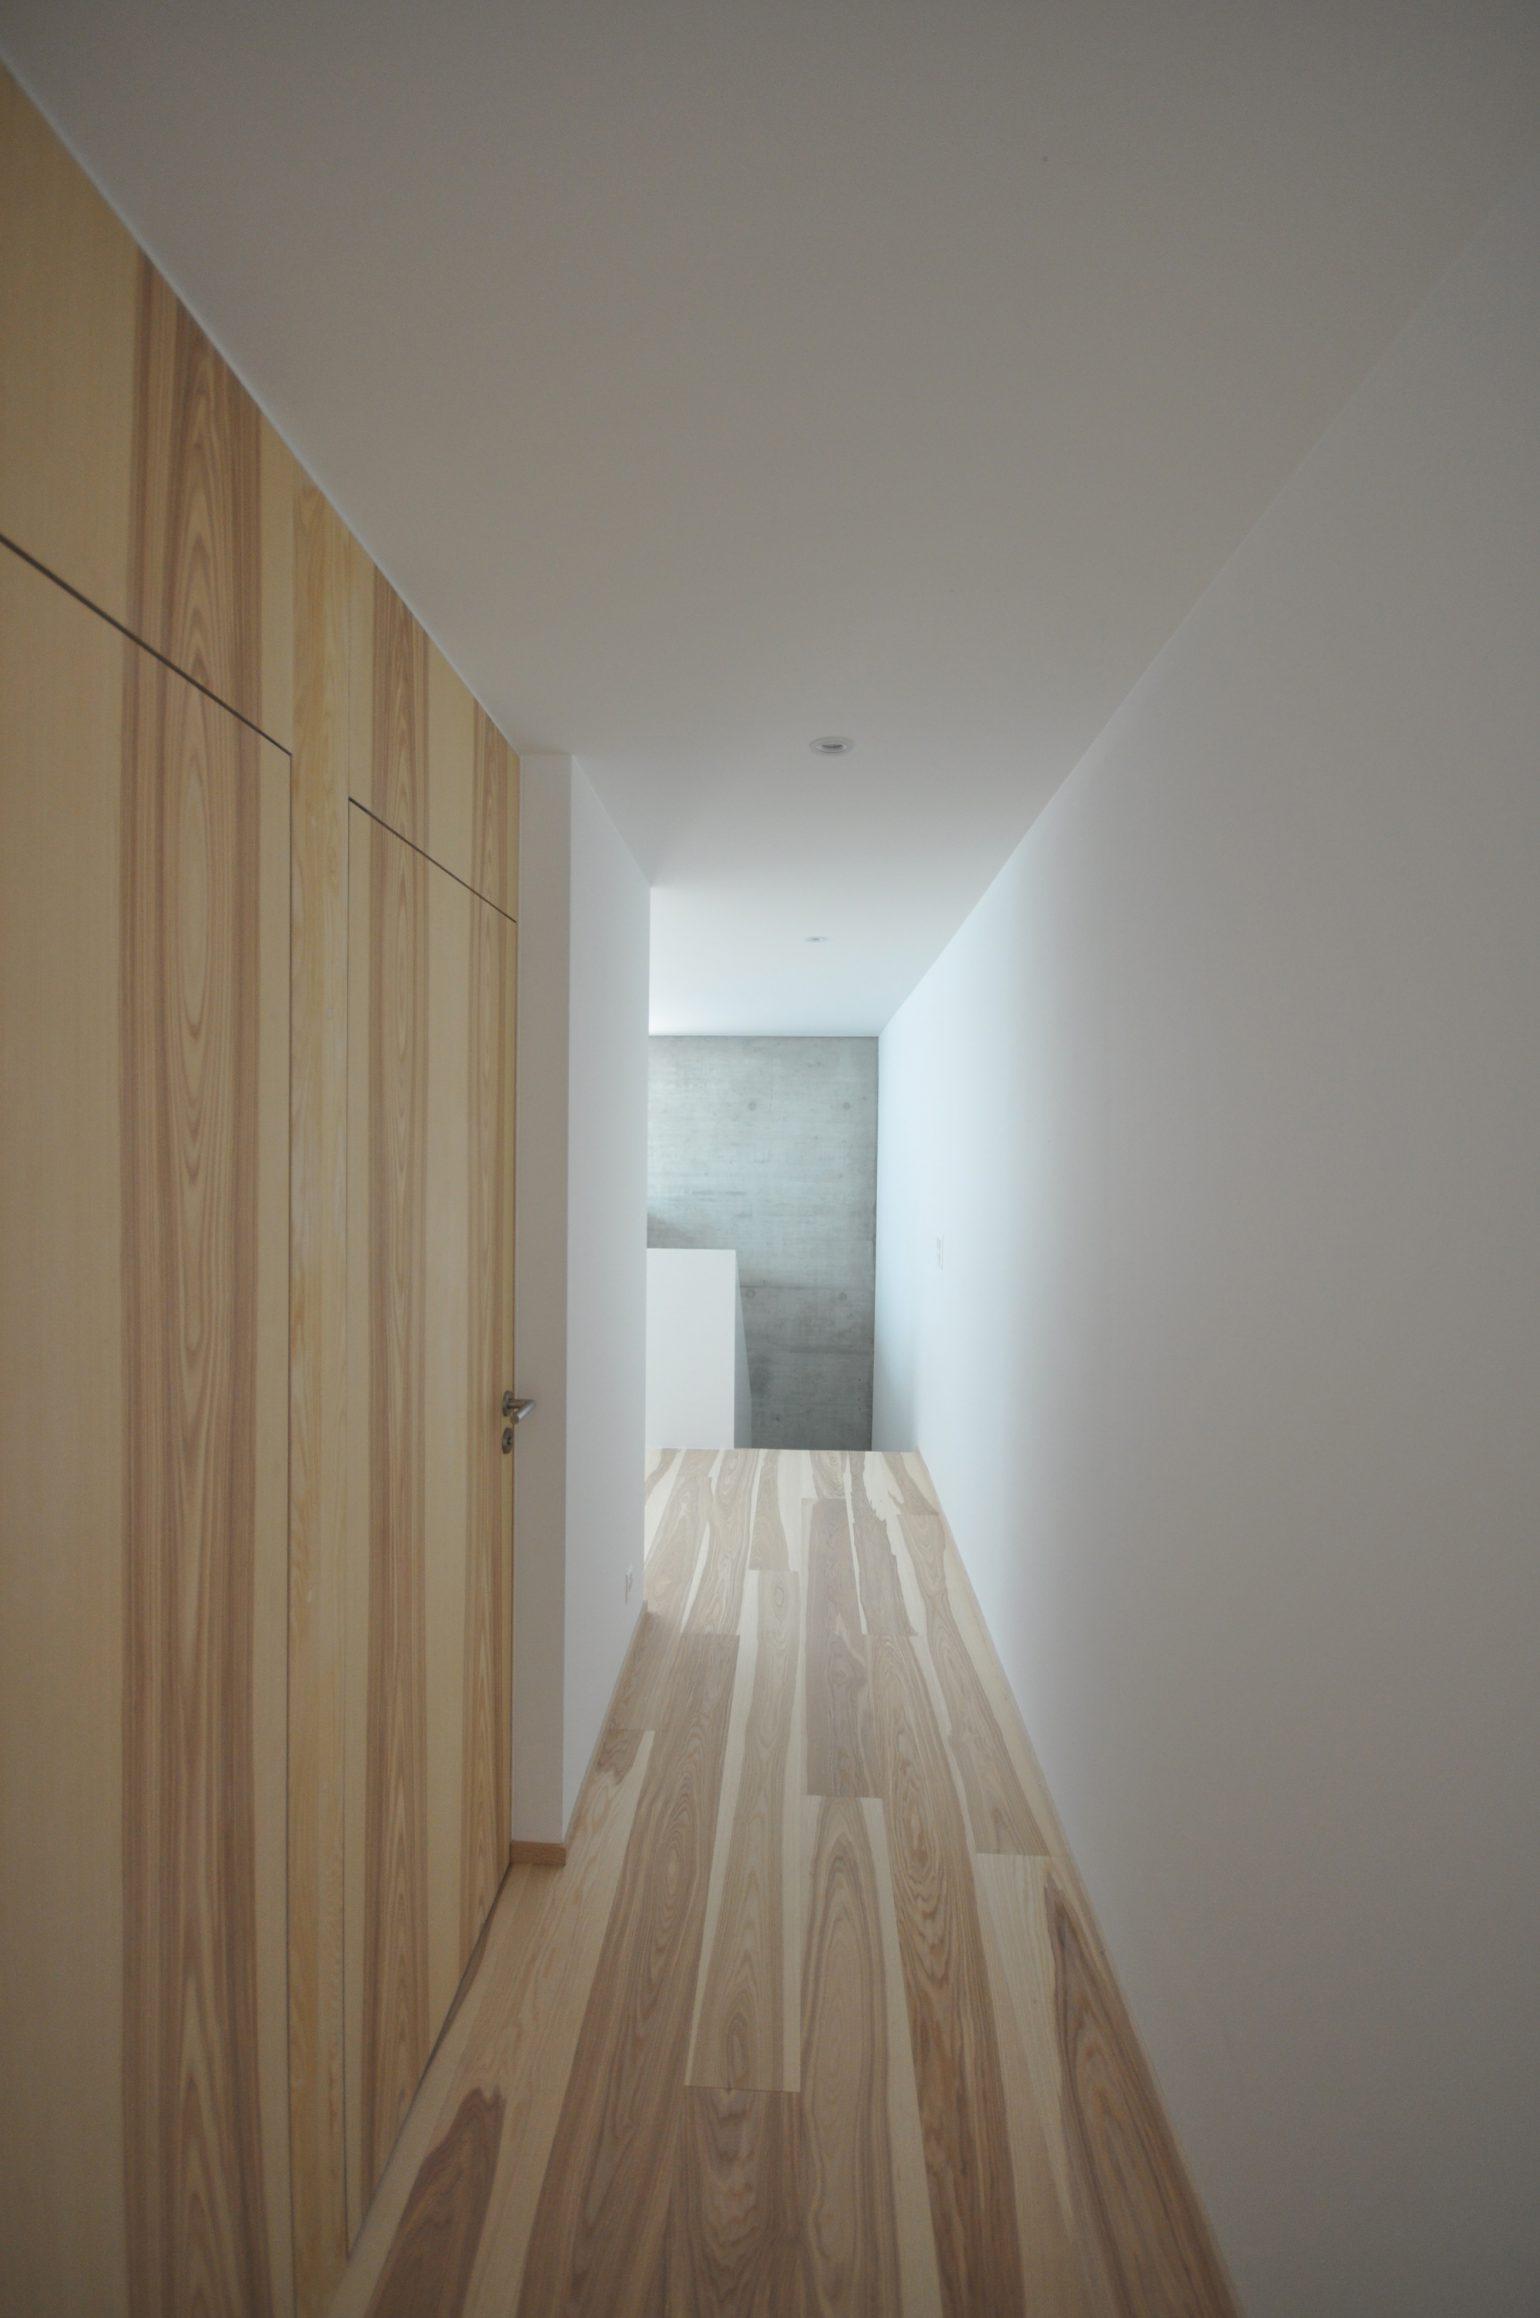 maison_piscine_grimisuat_meyer_architecture_sion_02